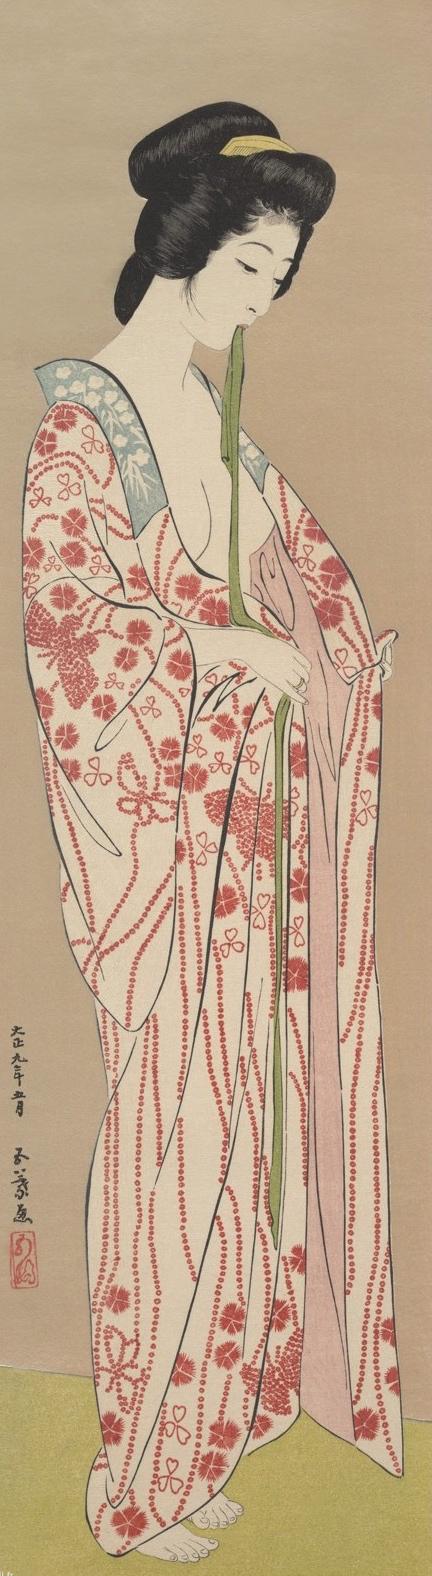 Femme en sous-kimono long  | Hashiguchi Goyo [1920]